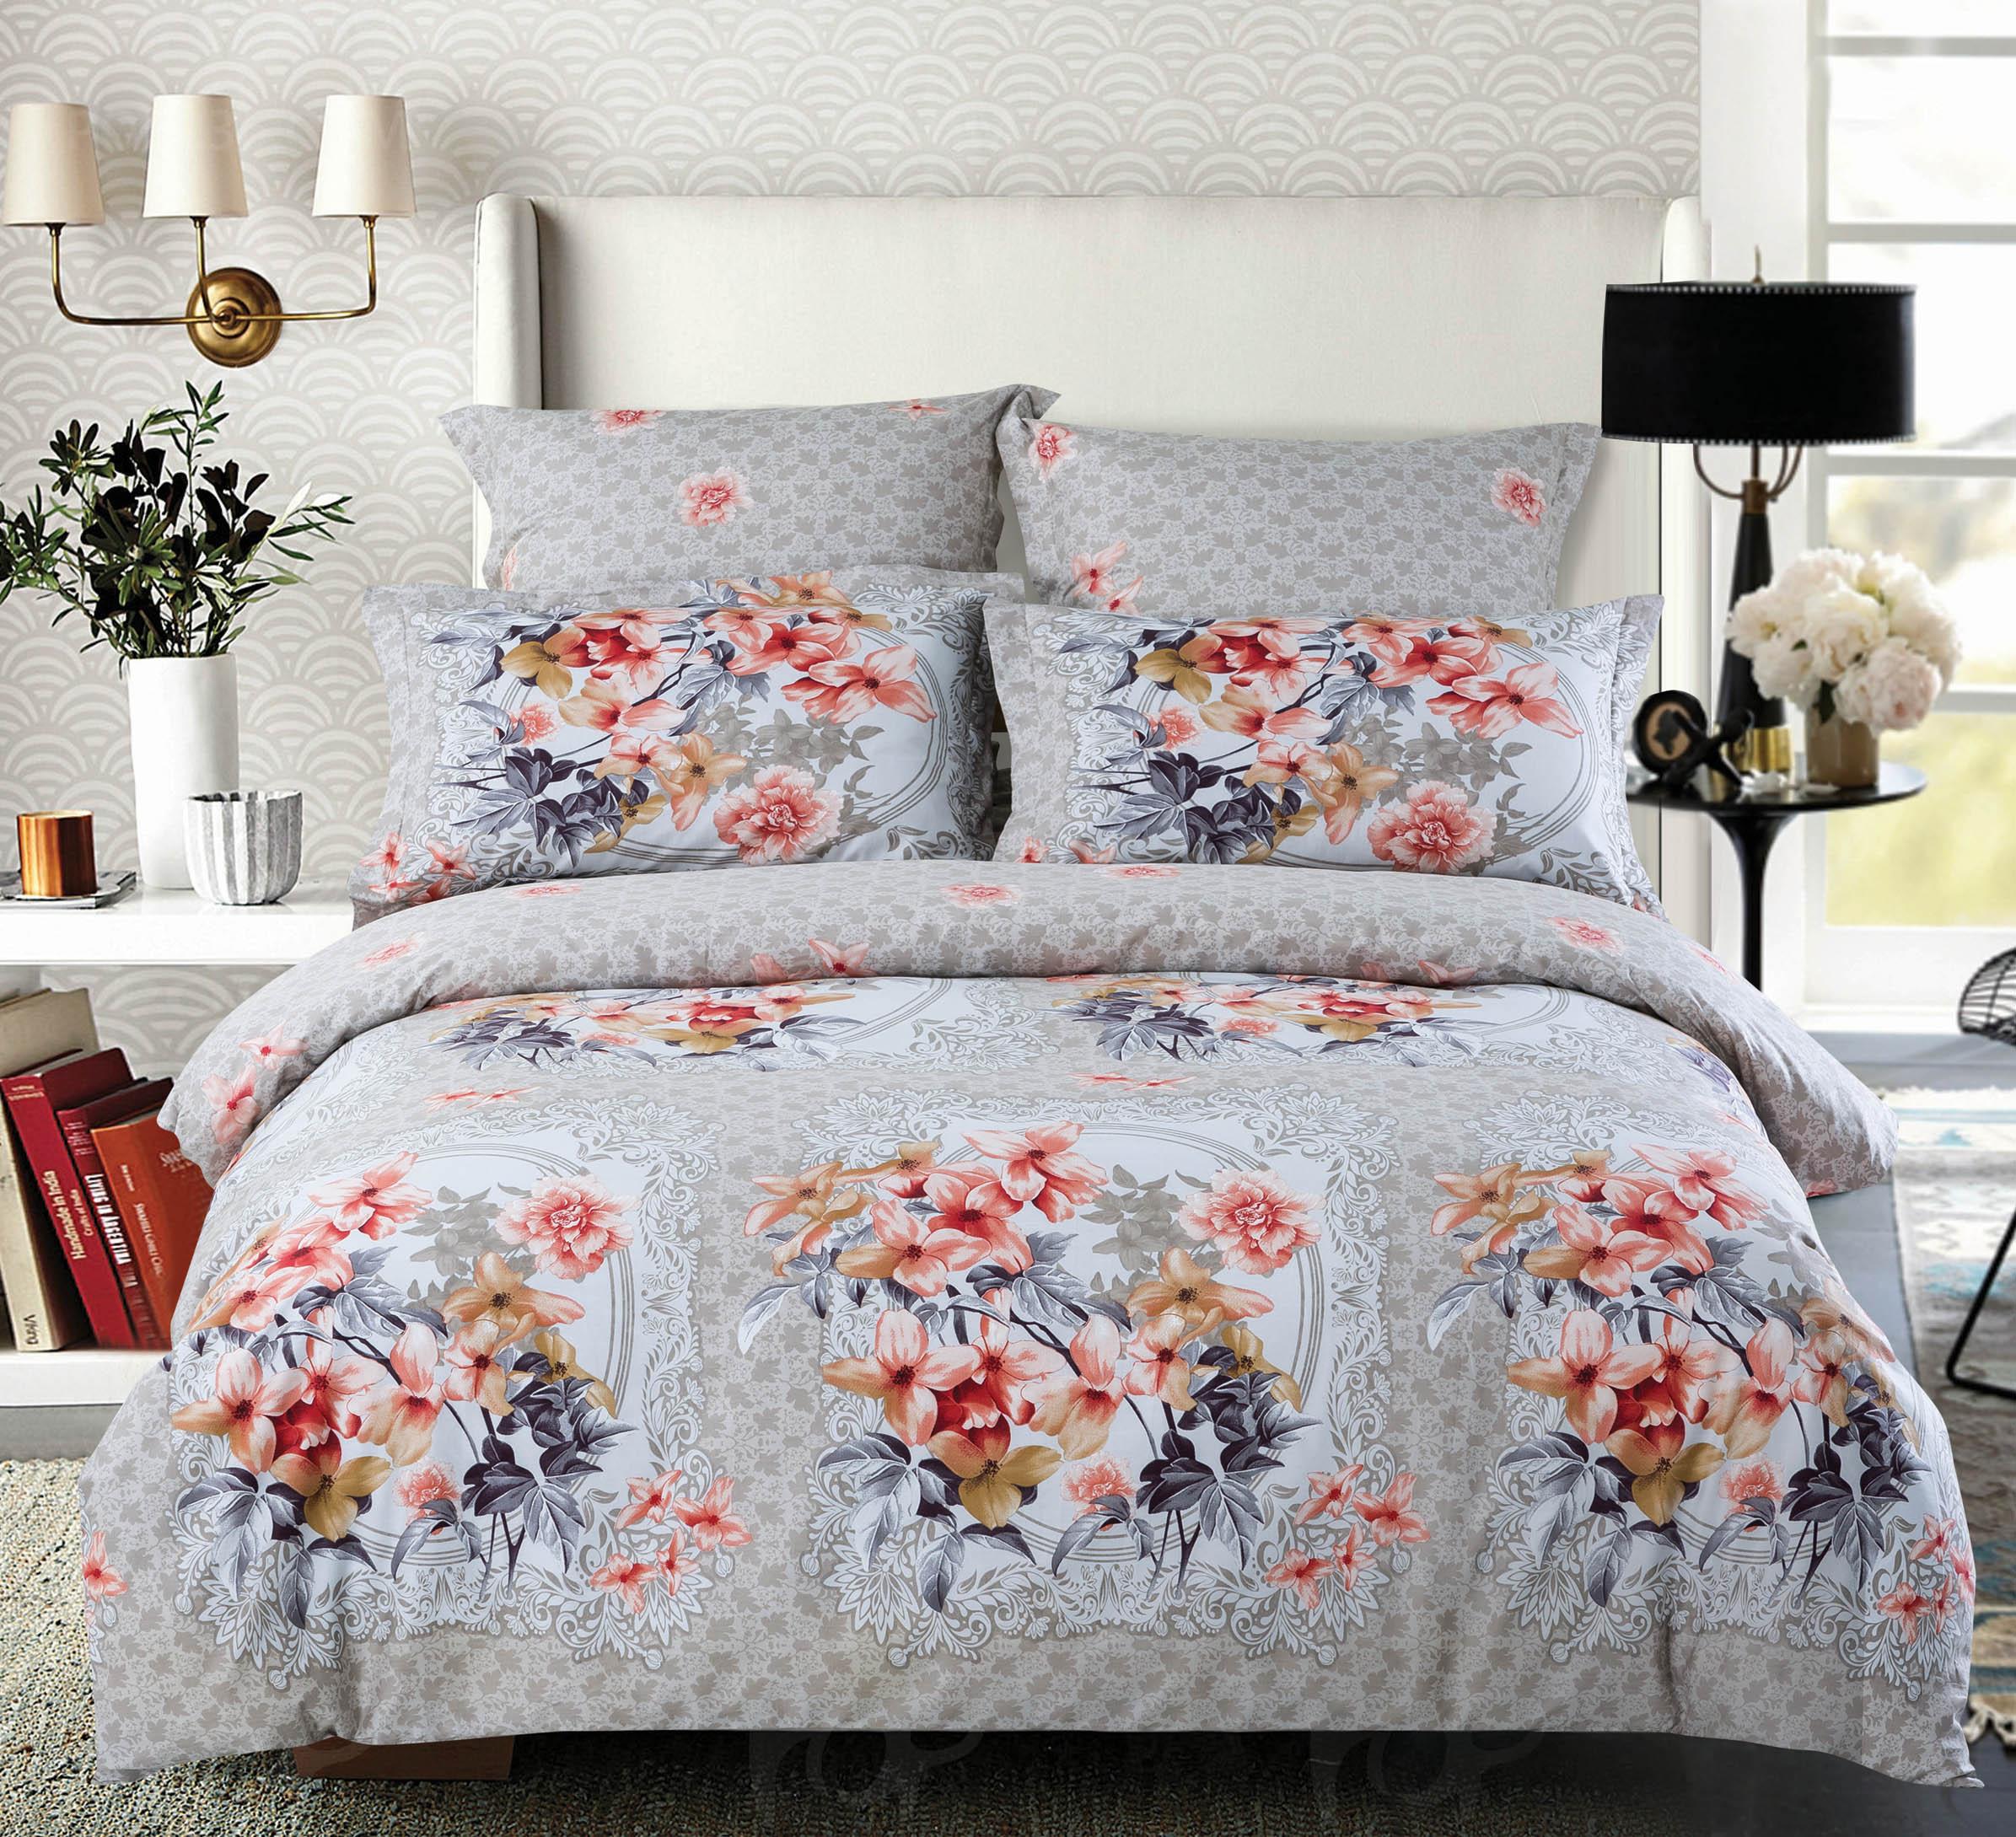 Купить Комплекты постельного белья СайлиД, Постельное бельеAnabelB-164(2 спал.), Китай, Серый, Хлопковый сатин